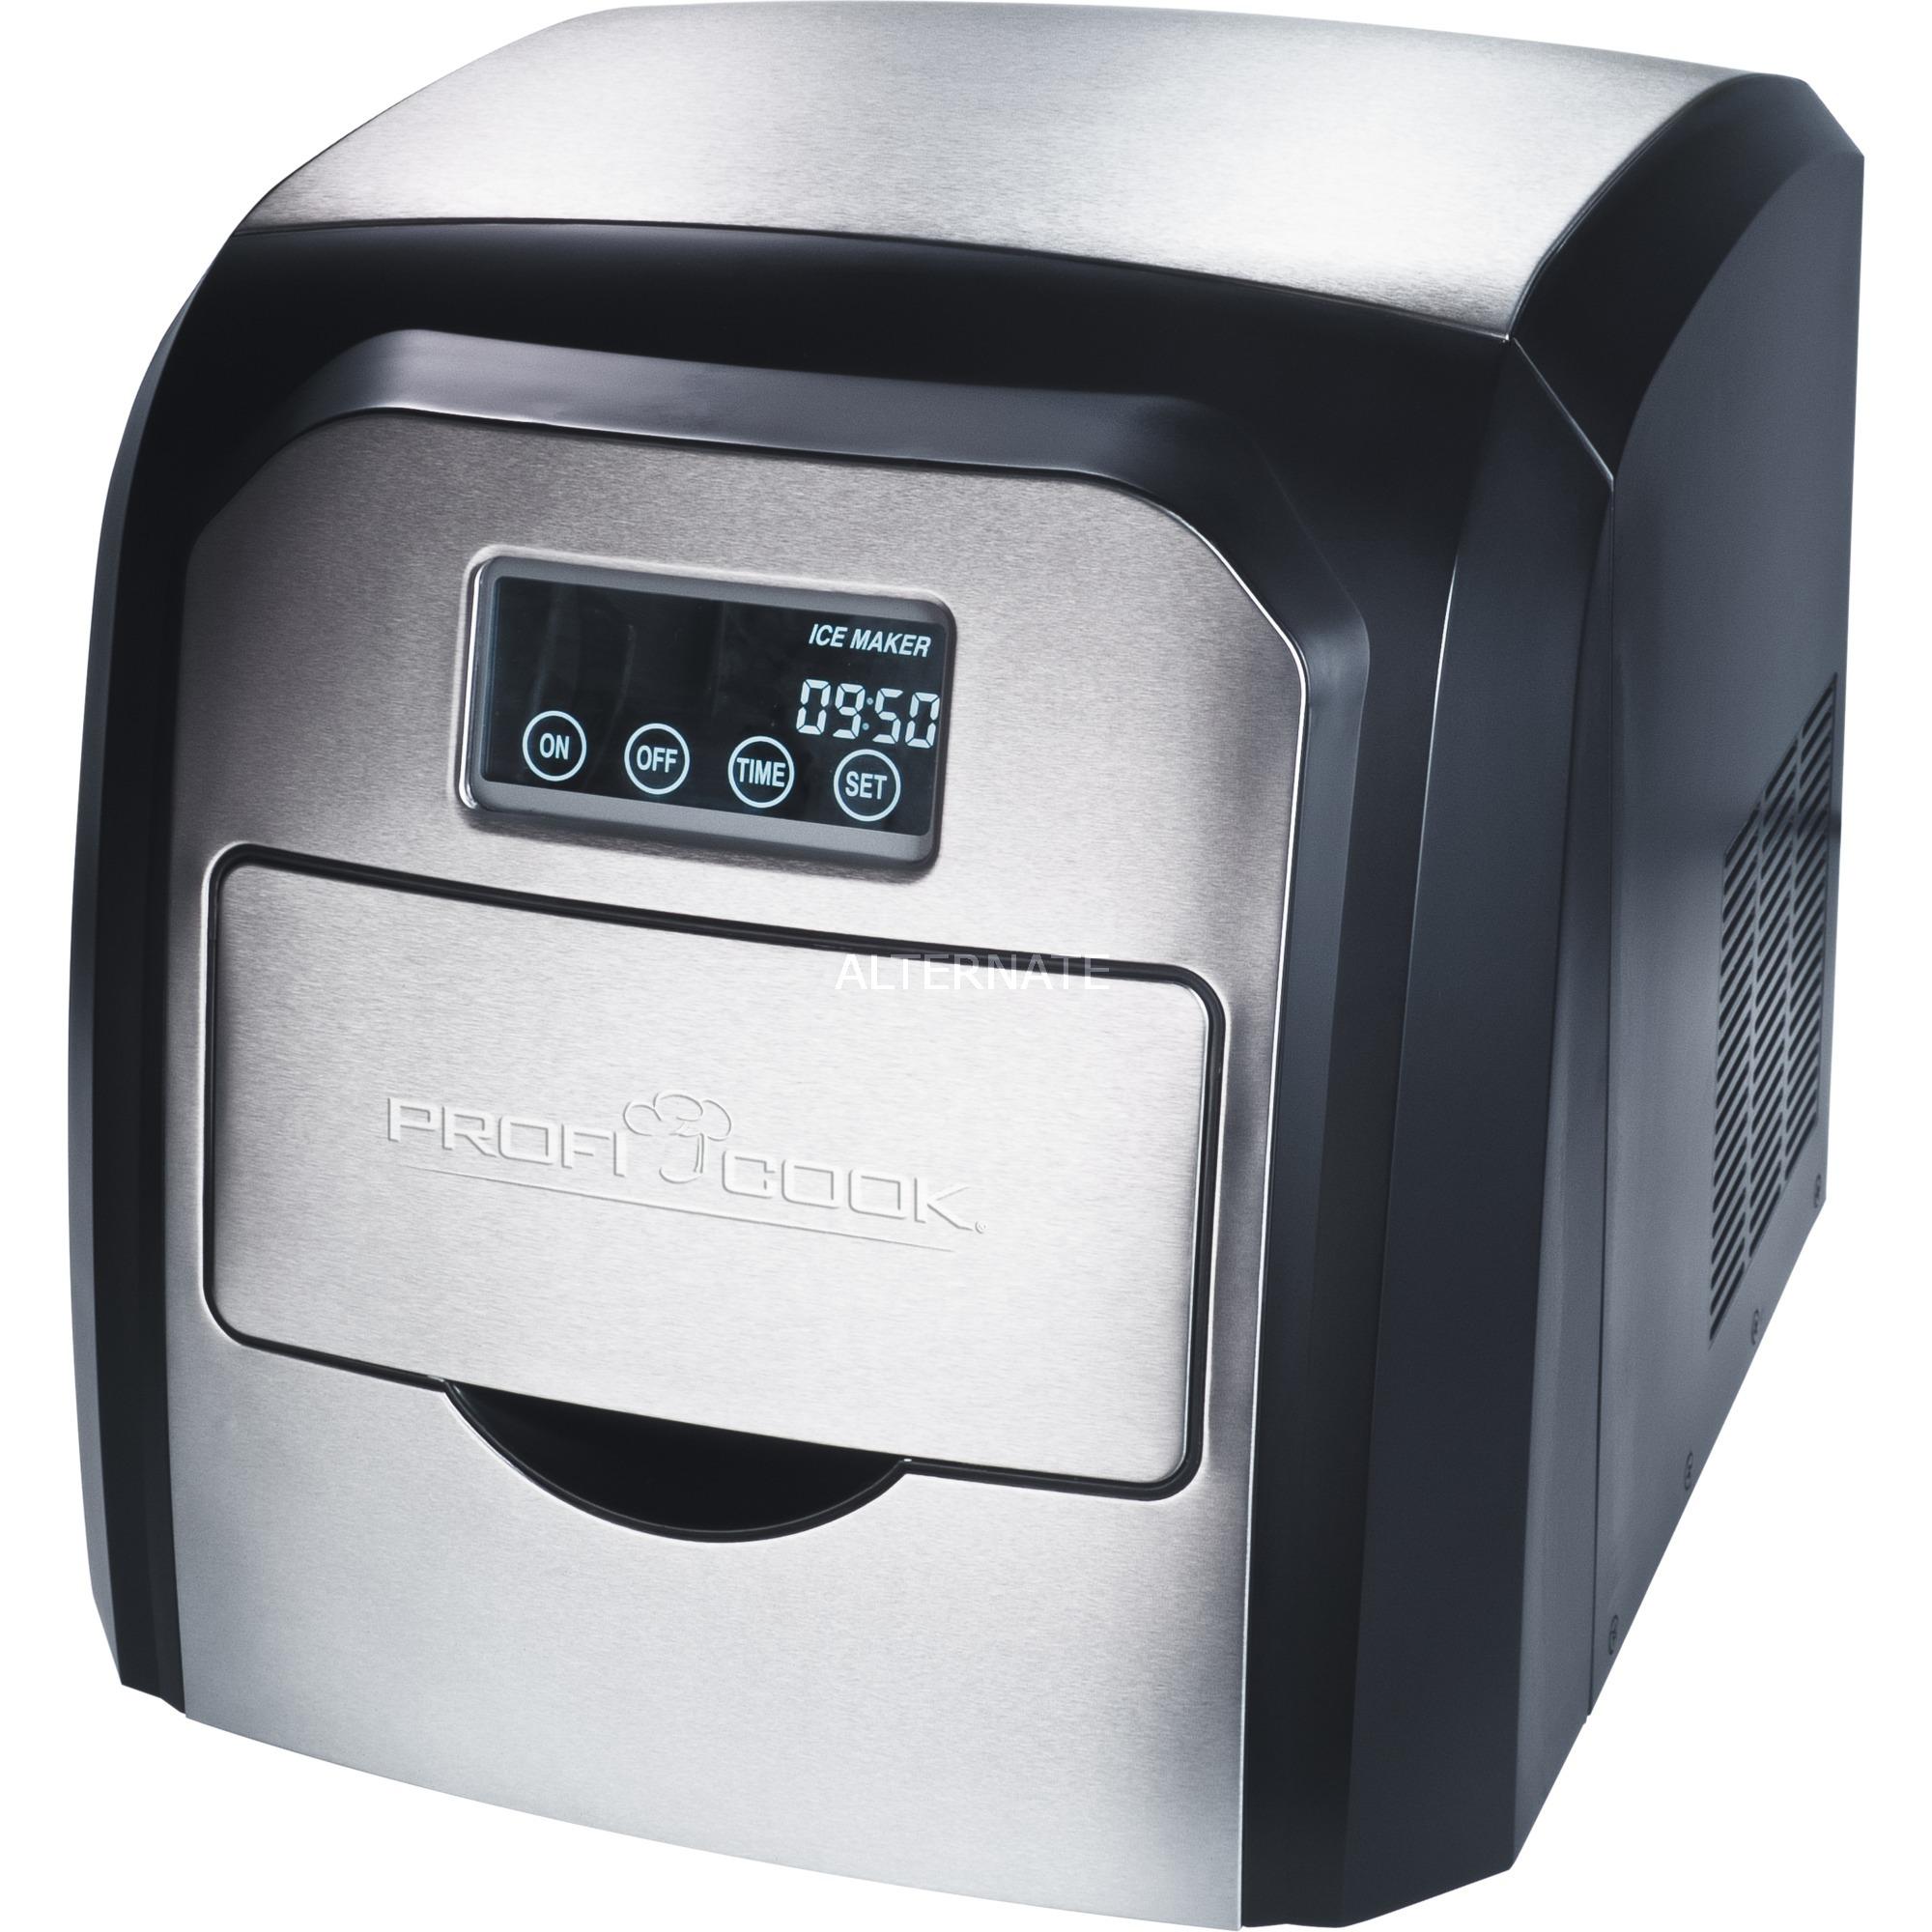 PC-EWB 1007 180 W 15 kg/24h, Preparador de cubitos de hielo